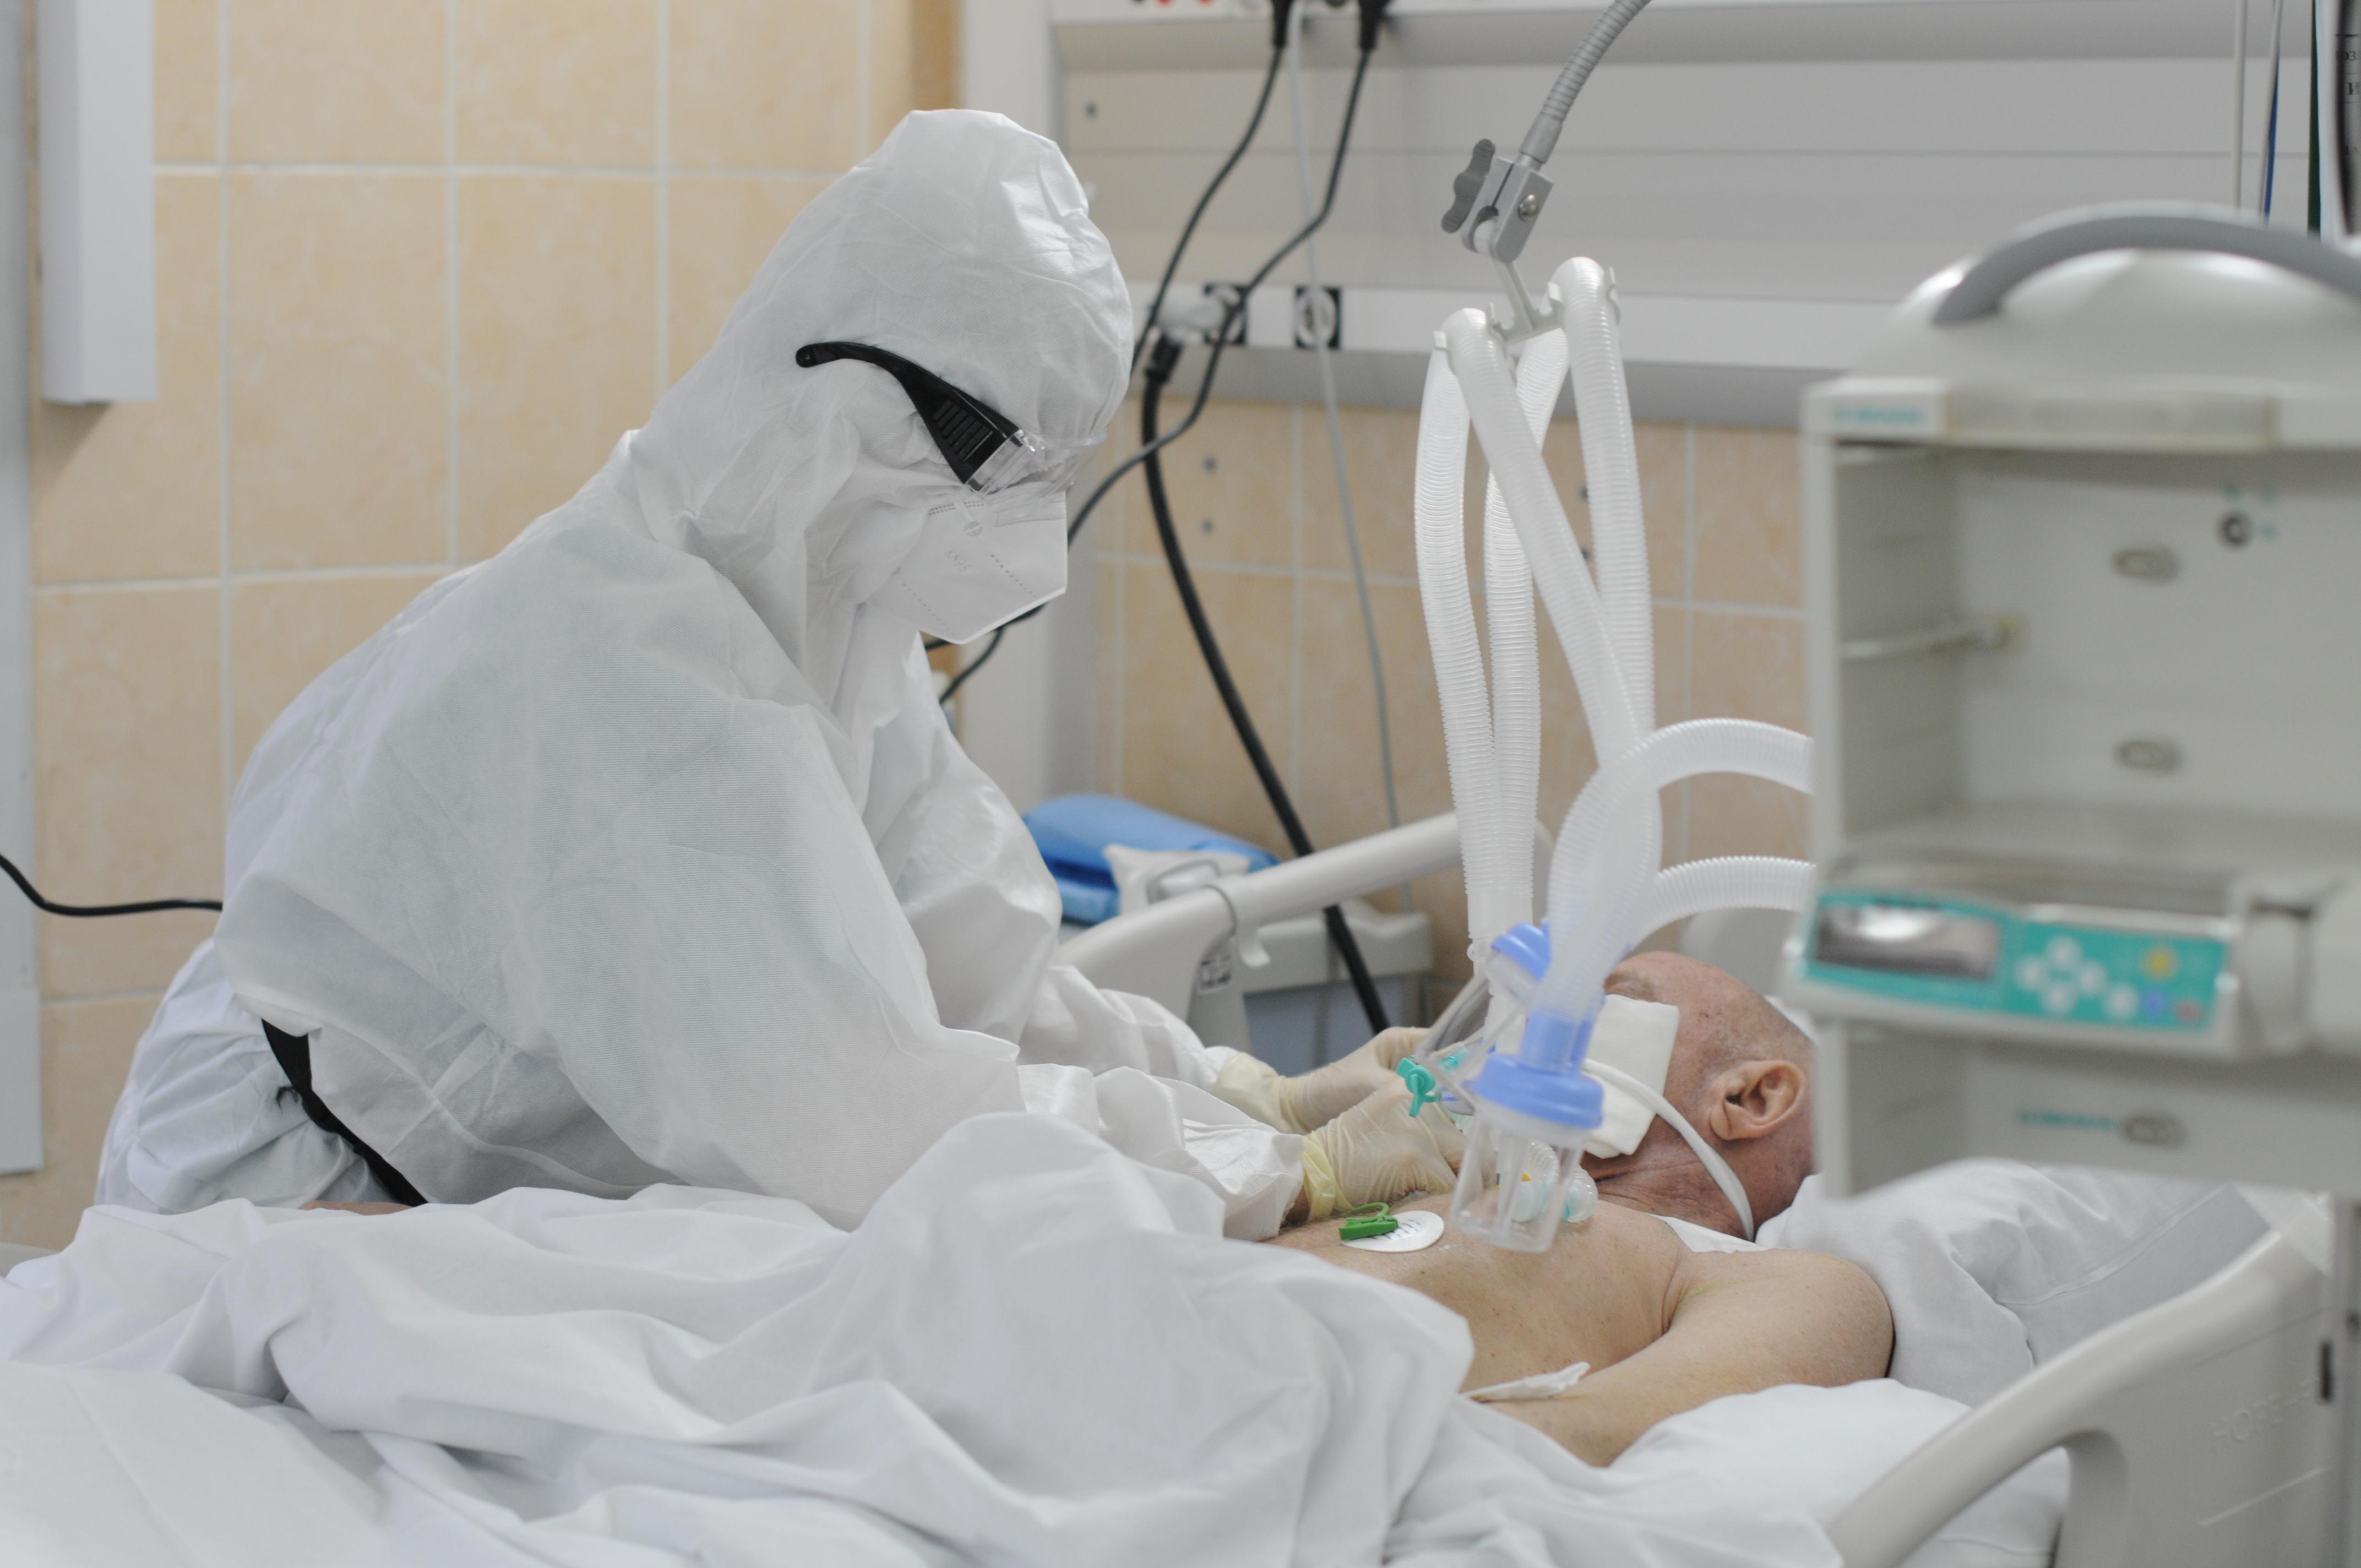 Турция семь дней подряд фиксирует рекордные показатели смертности от COVID-19